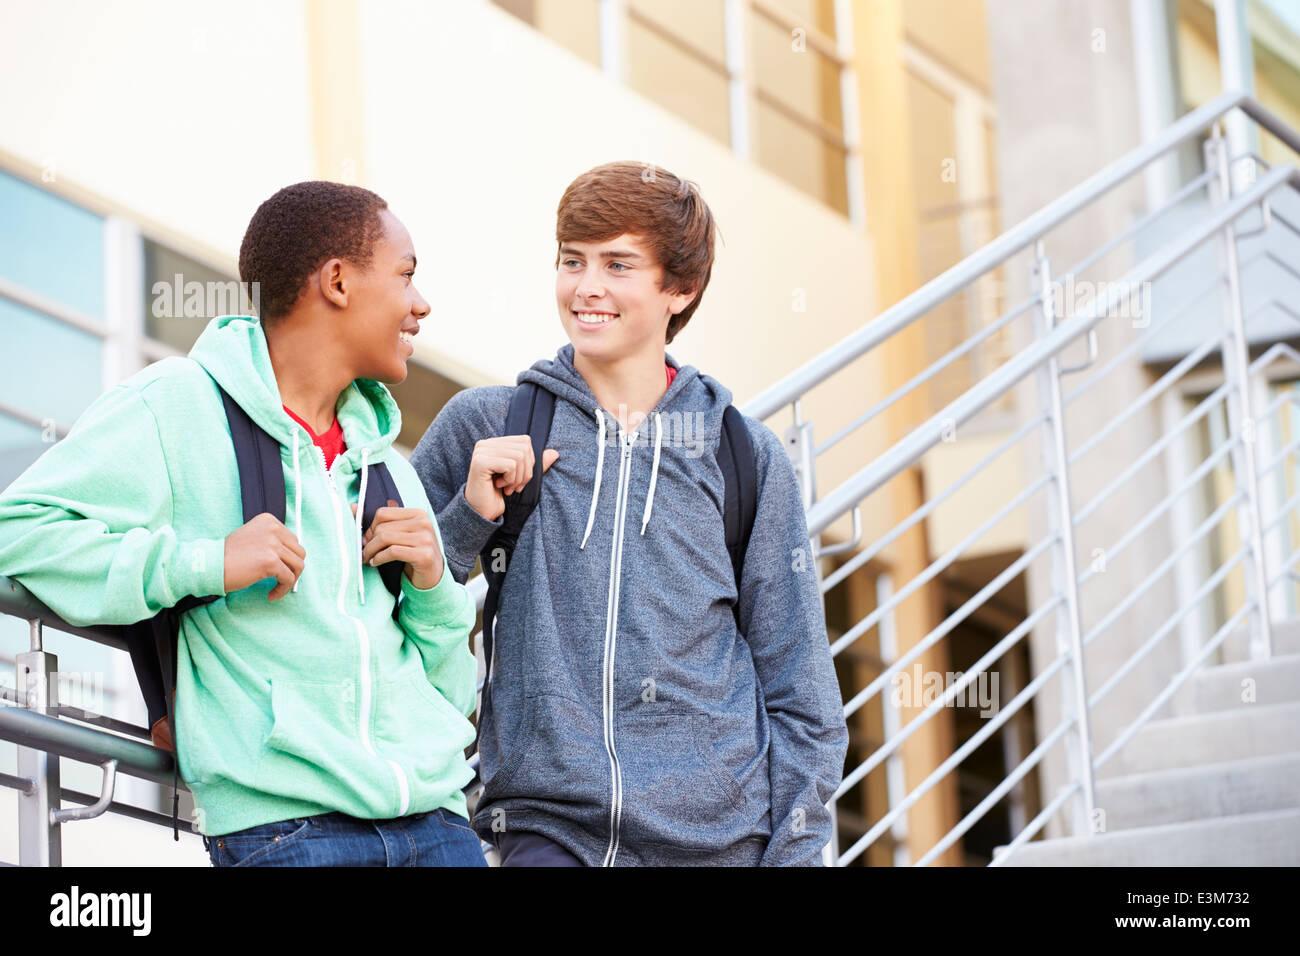 Dos estudiantes de la Escuela Secundaria Masculina de pie fuera de la construcción Imagen De Stock